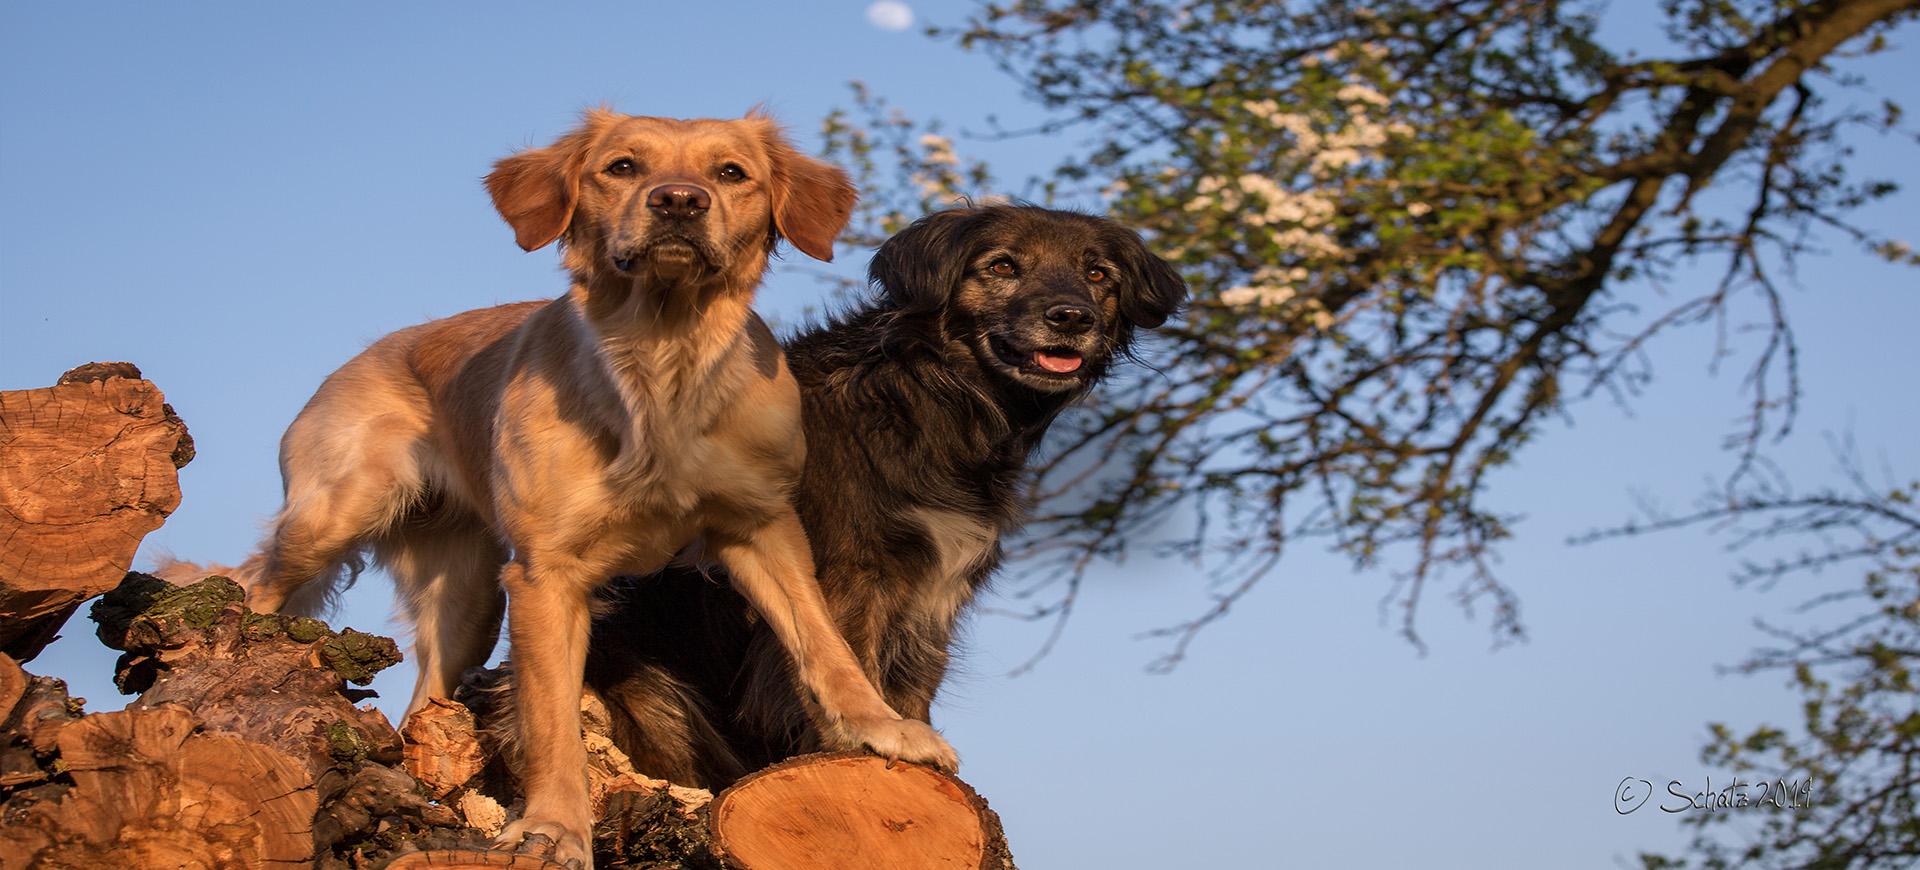 <b>Mensch und Hund - gemeinsam gesund</b>